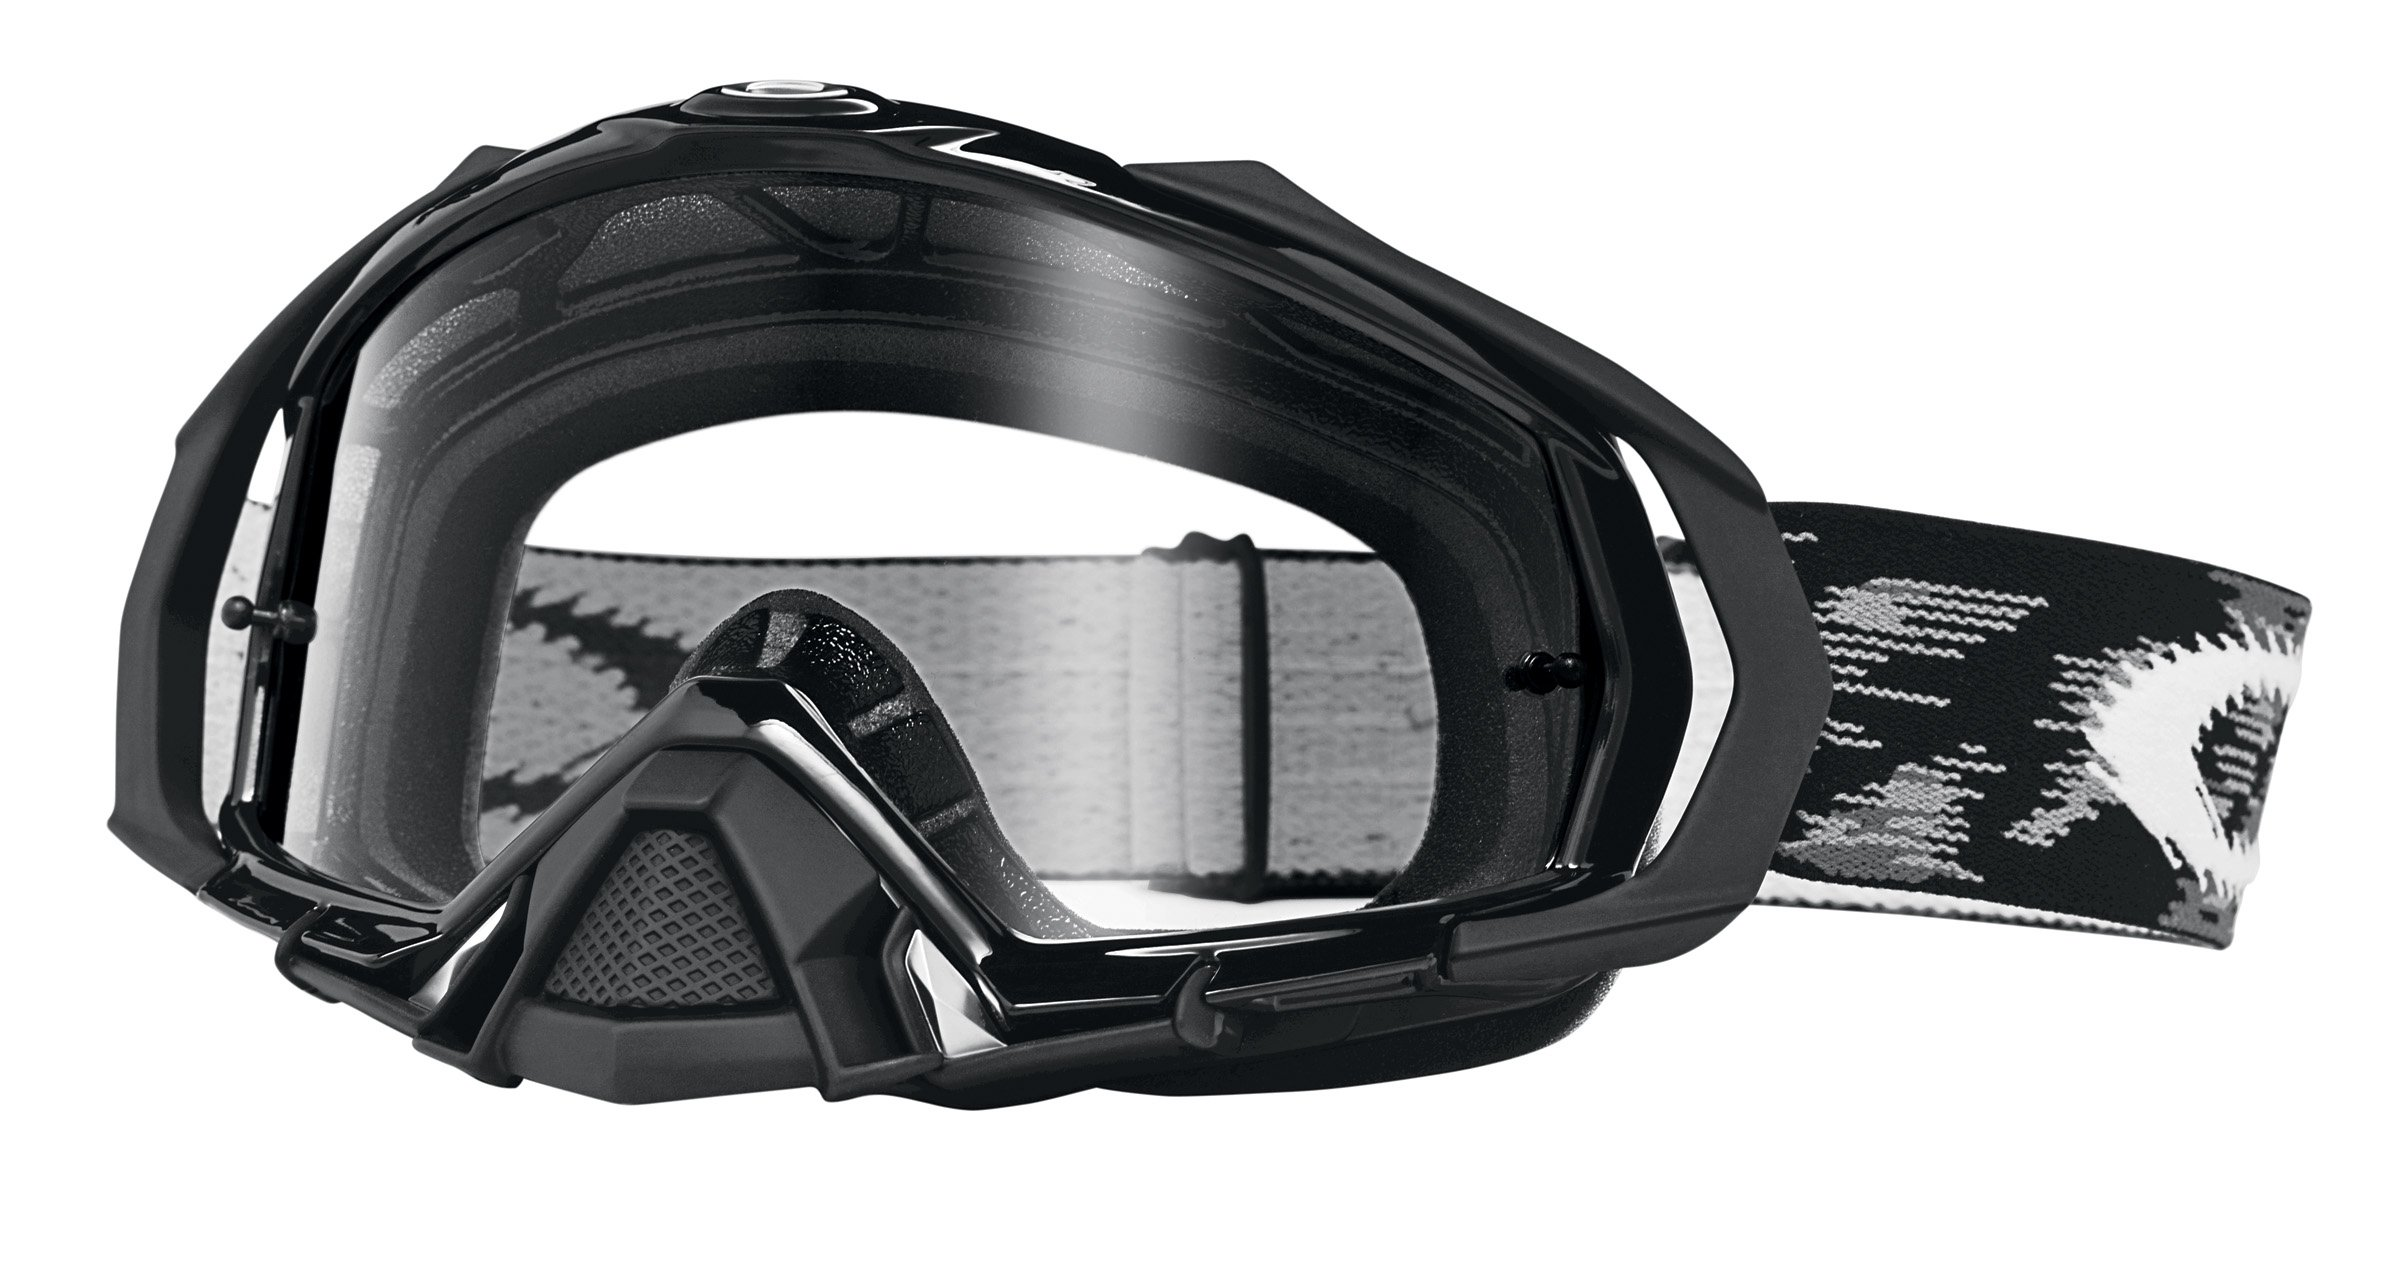 Oakley Mayhem Pro Goggles (Jet Black Frame/Clear Lens) by Oakley